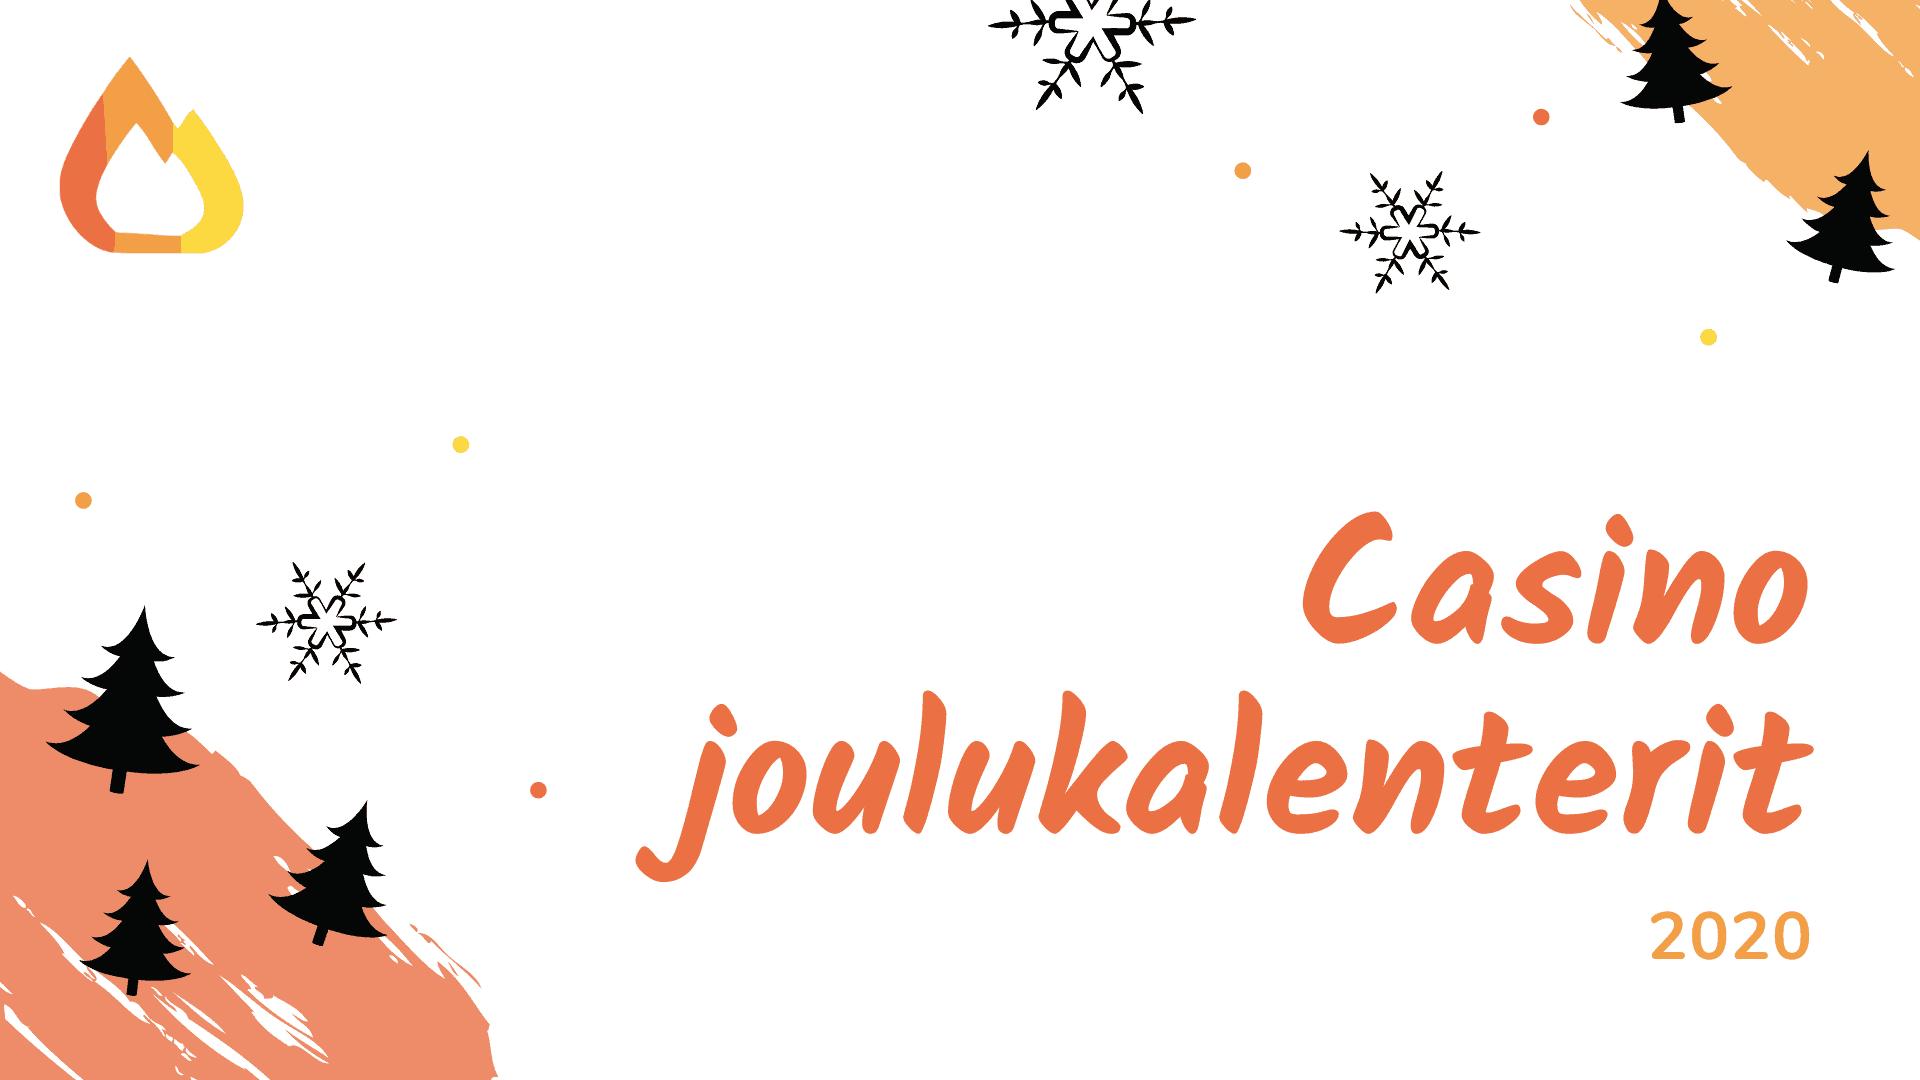 casino joulukalenterit